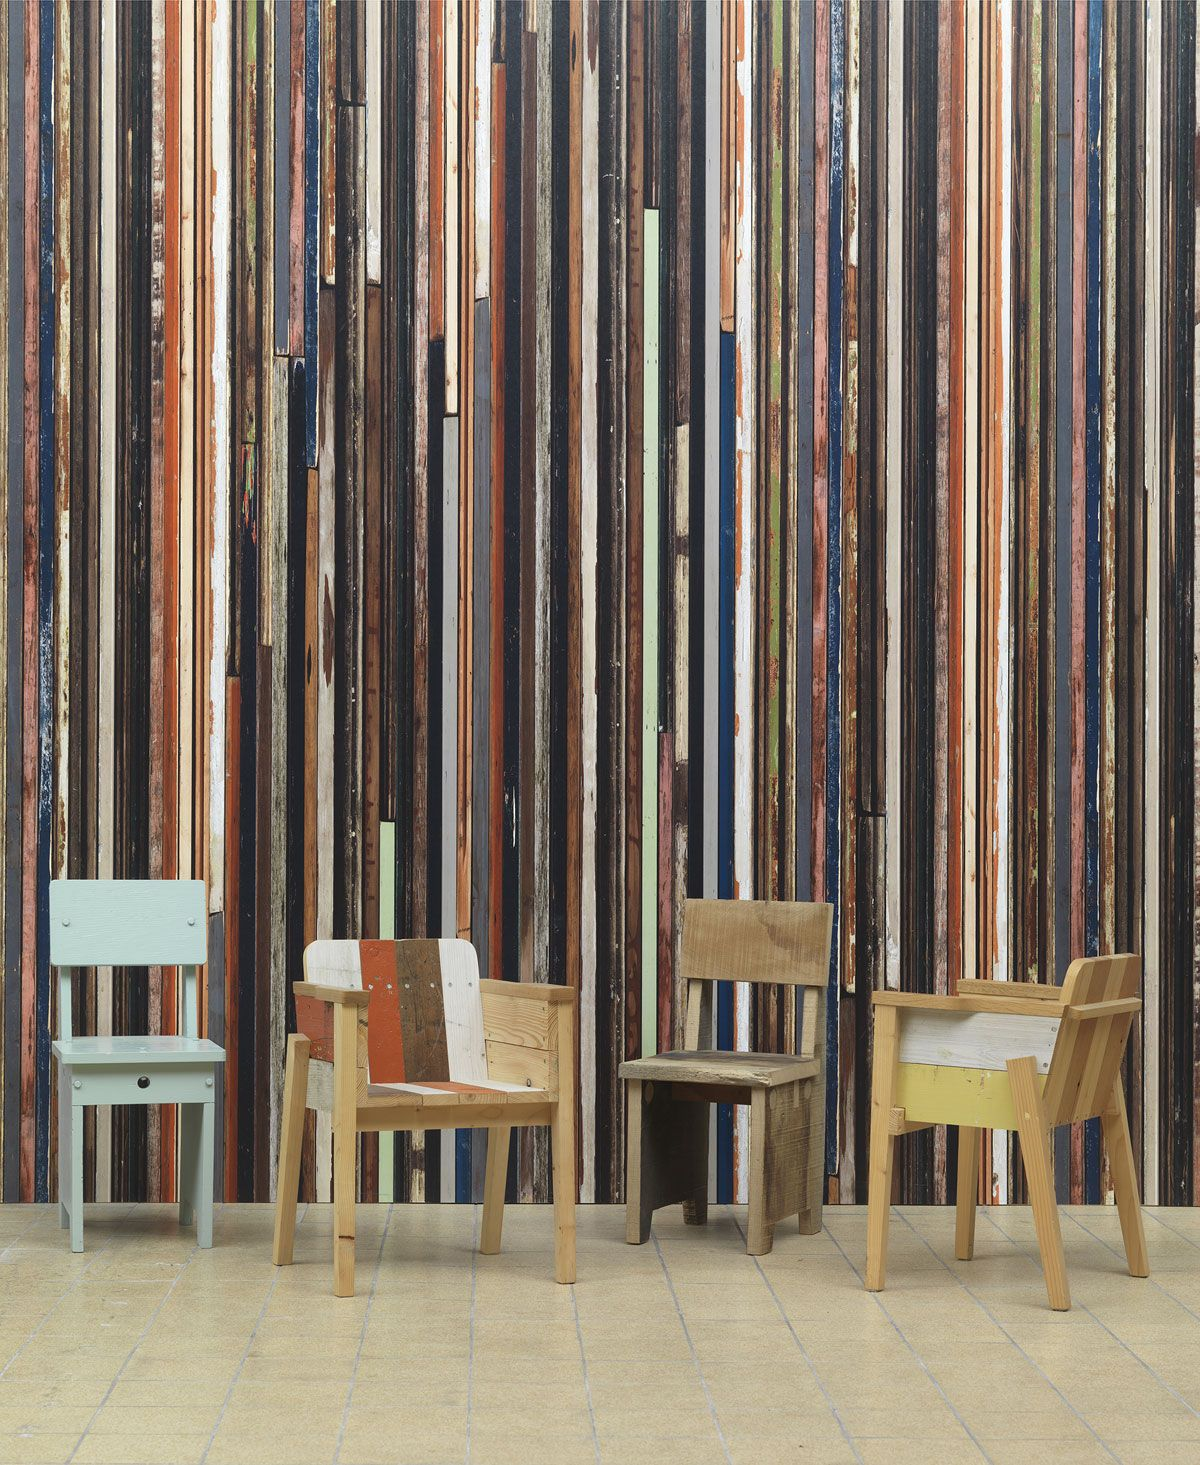 muebles diseño ecologico reciclaje sostenible piet hein eek